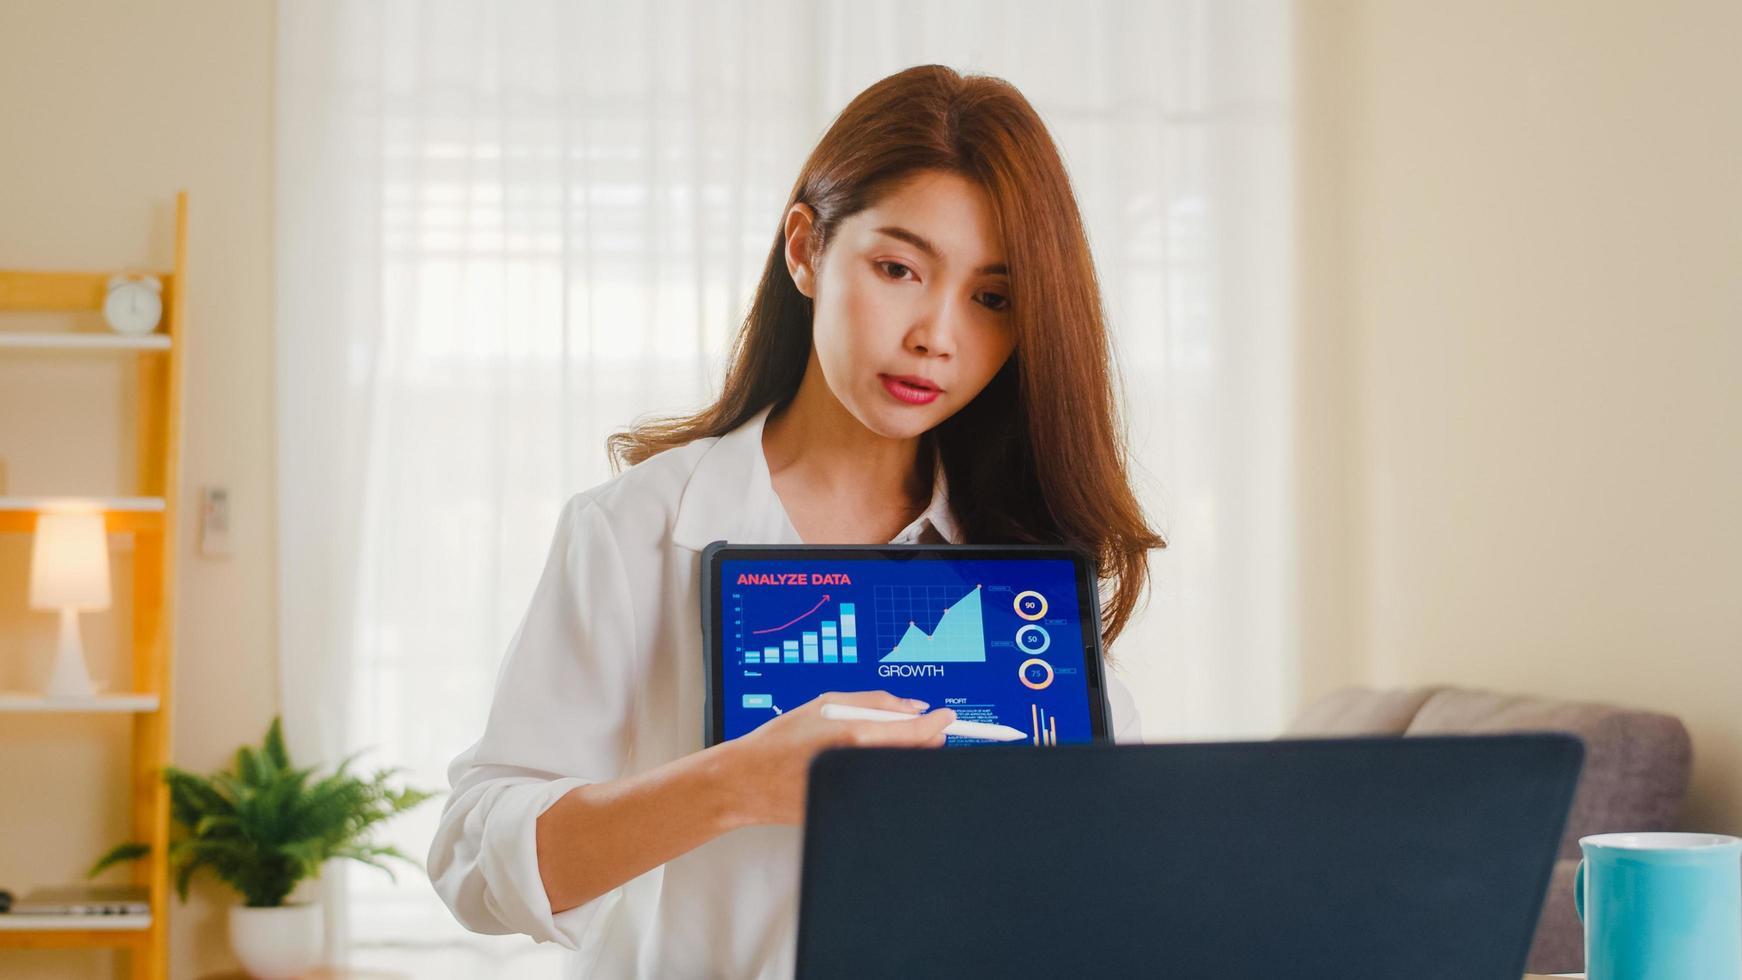 asiatisk affärskvinna som använder bärbar dator och surfplatta hemma foto